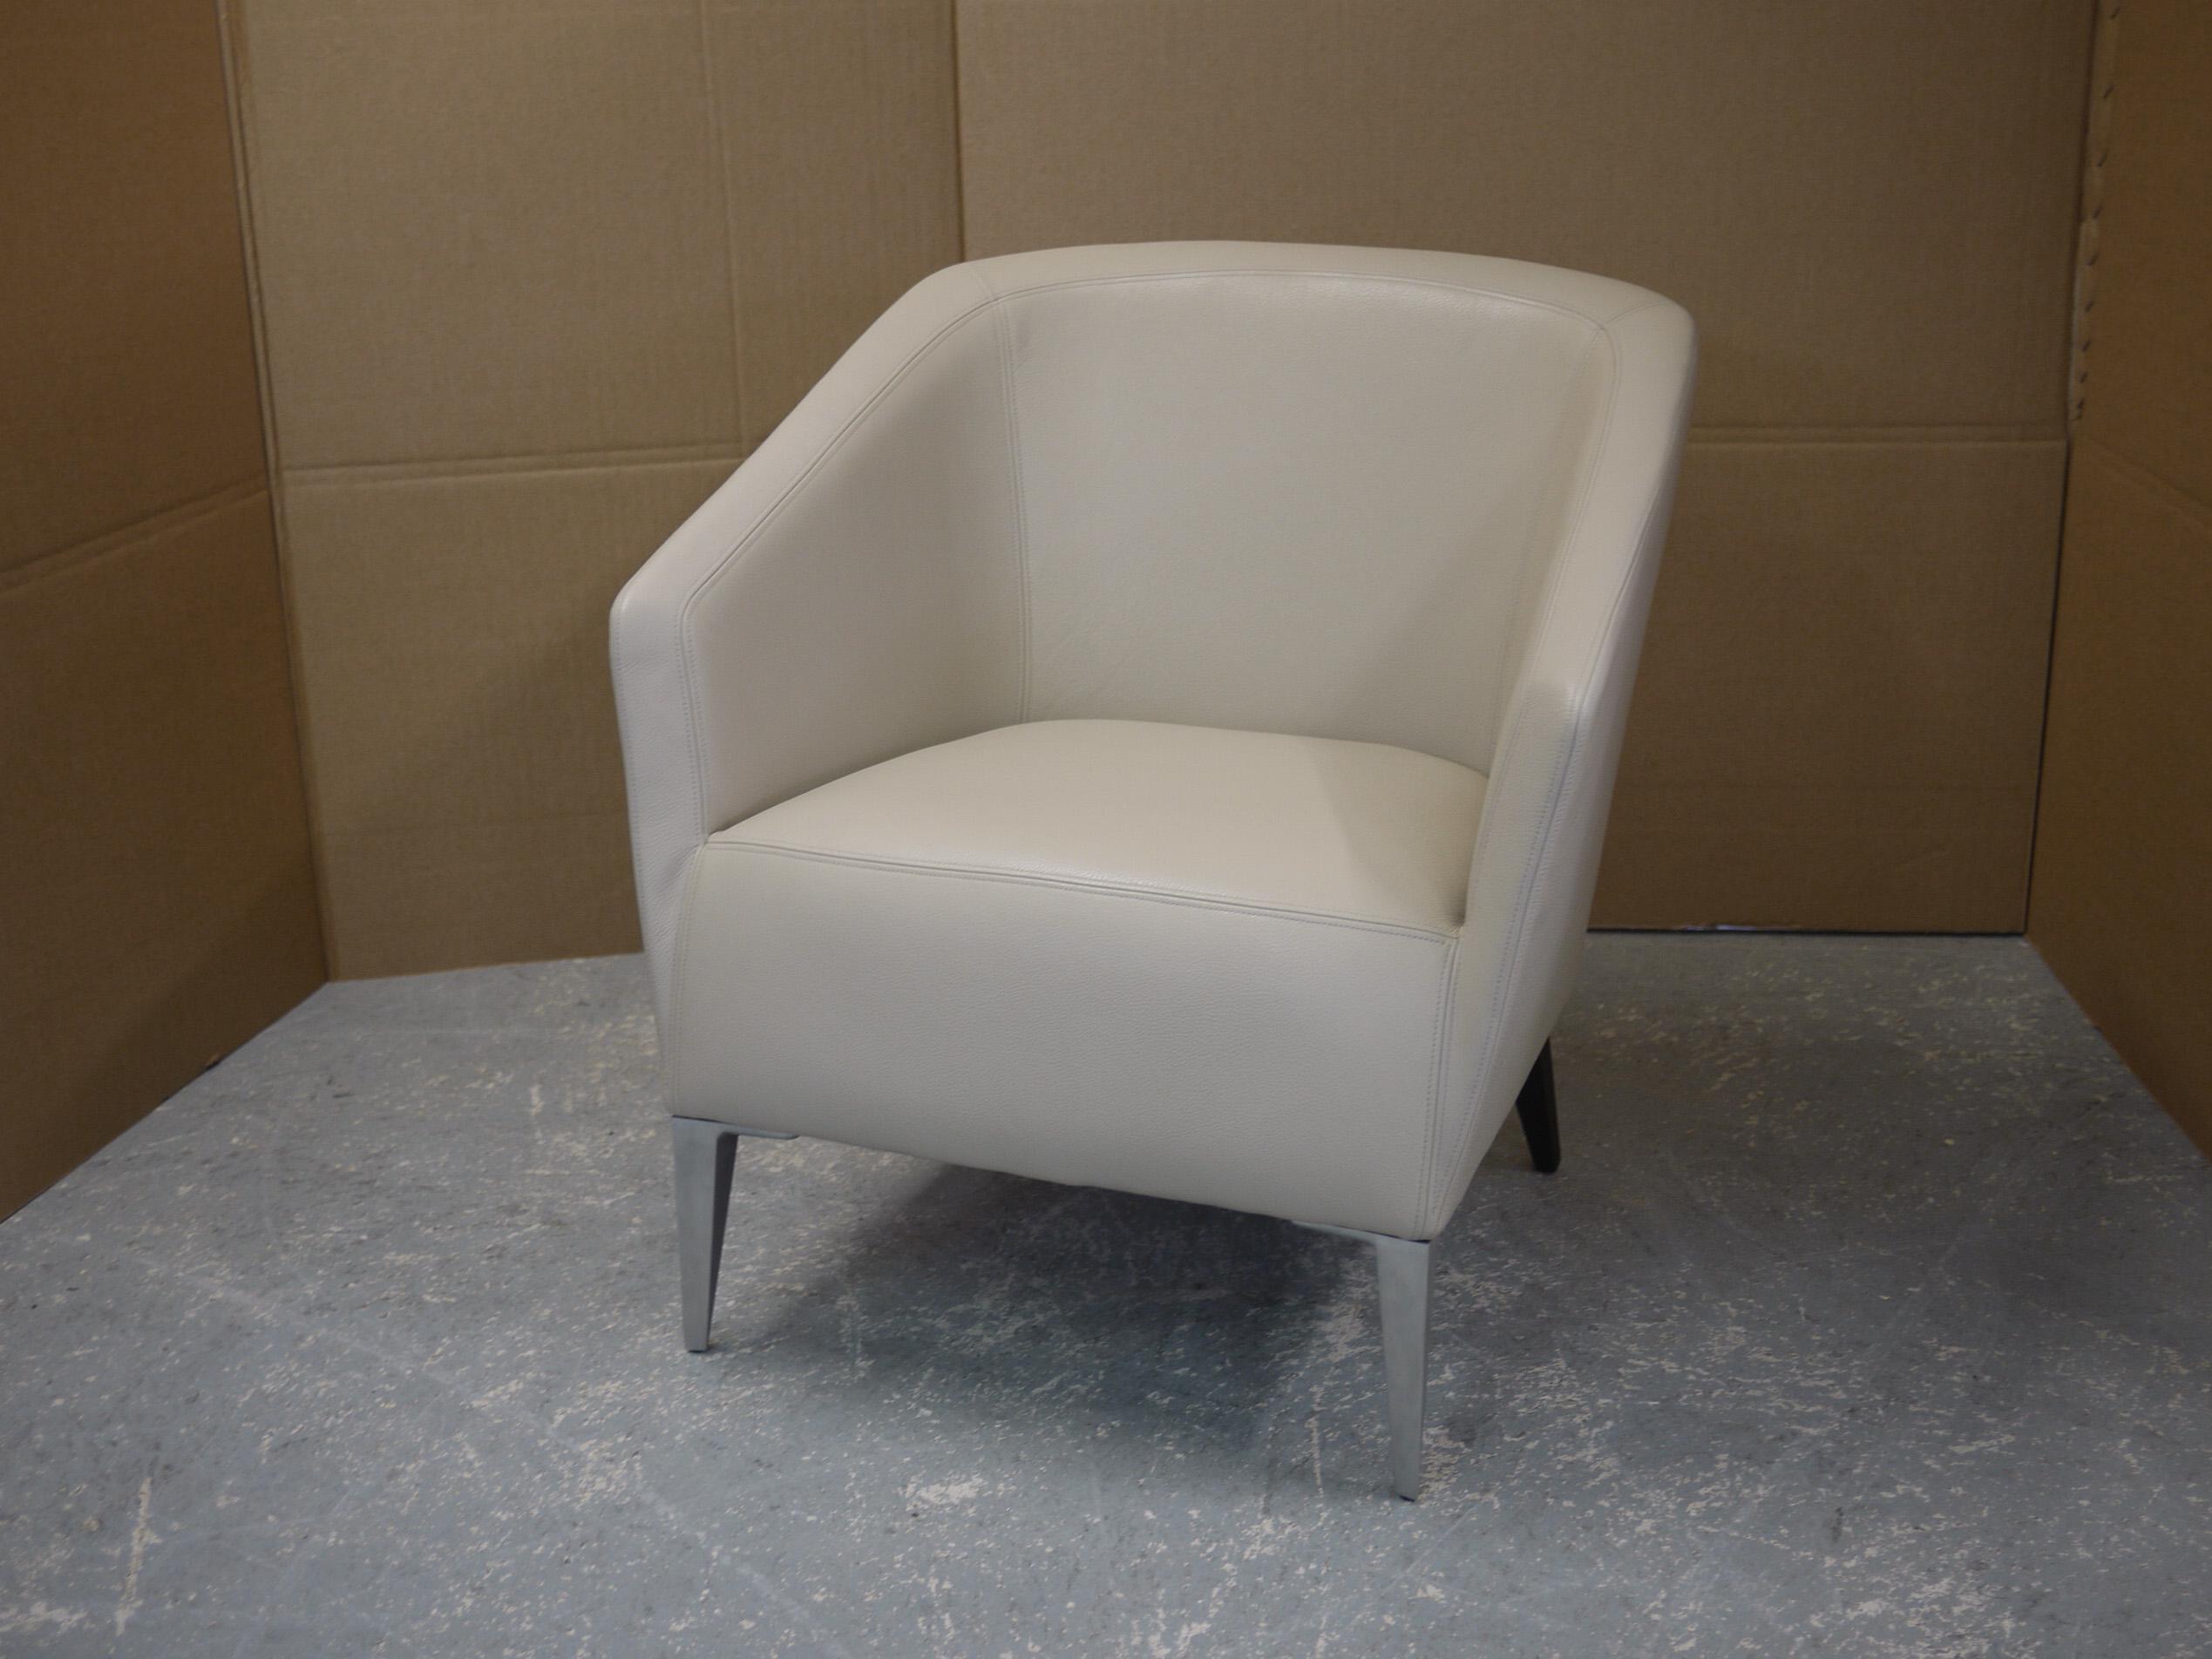 sur mesure l 39 album photo des collections jandri et swann. Black Bedroom Furniture Sets. Home Design Ideas